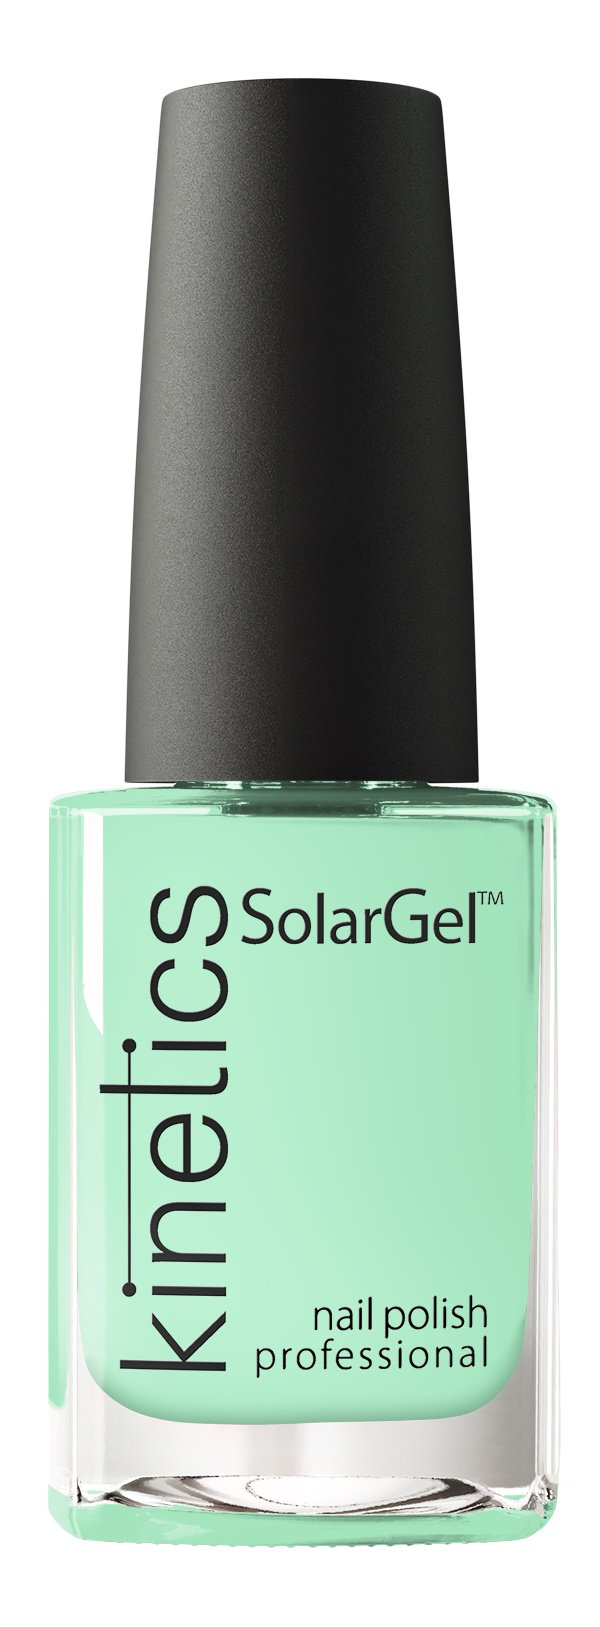 цены на Лак для ногтей Kinetics SolarGel Polish, профессиональный, 15 мл, тон 428  в интернет-магазинах